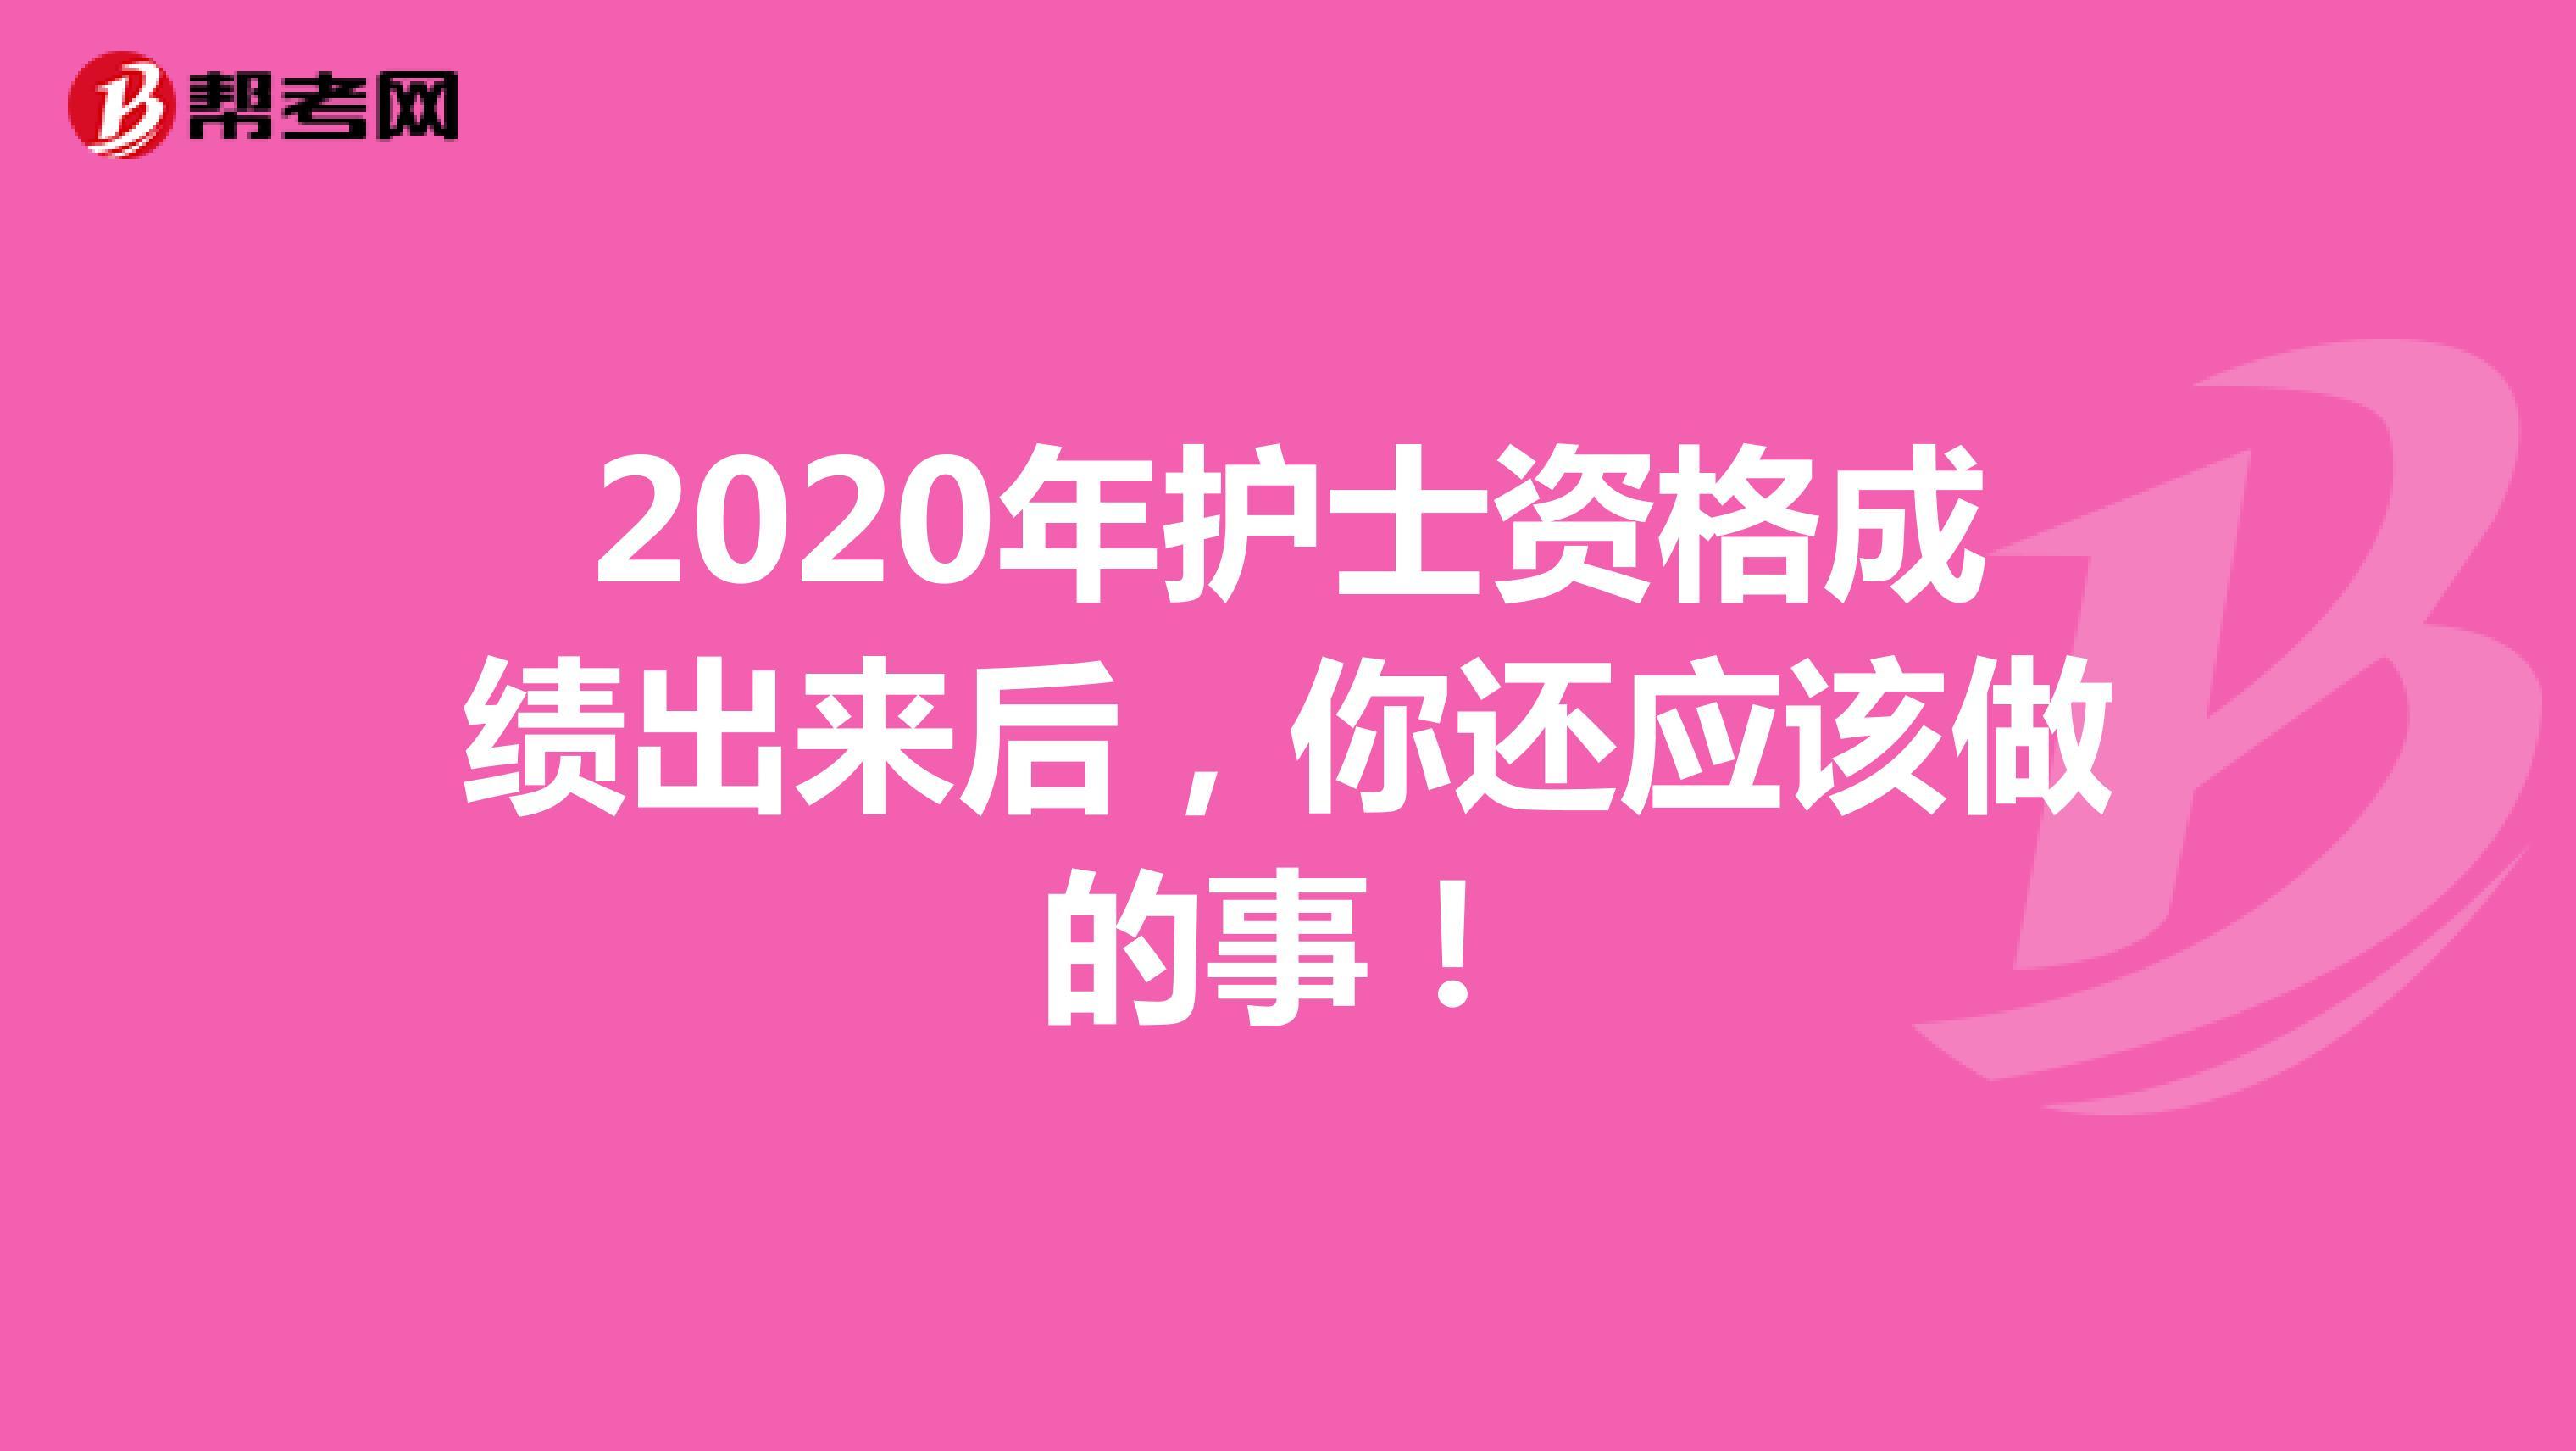 2020年护士资格成绩出来后,你还应该做的事!